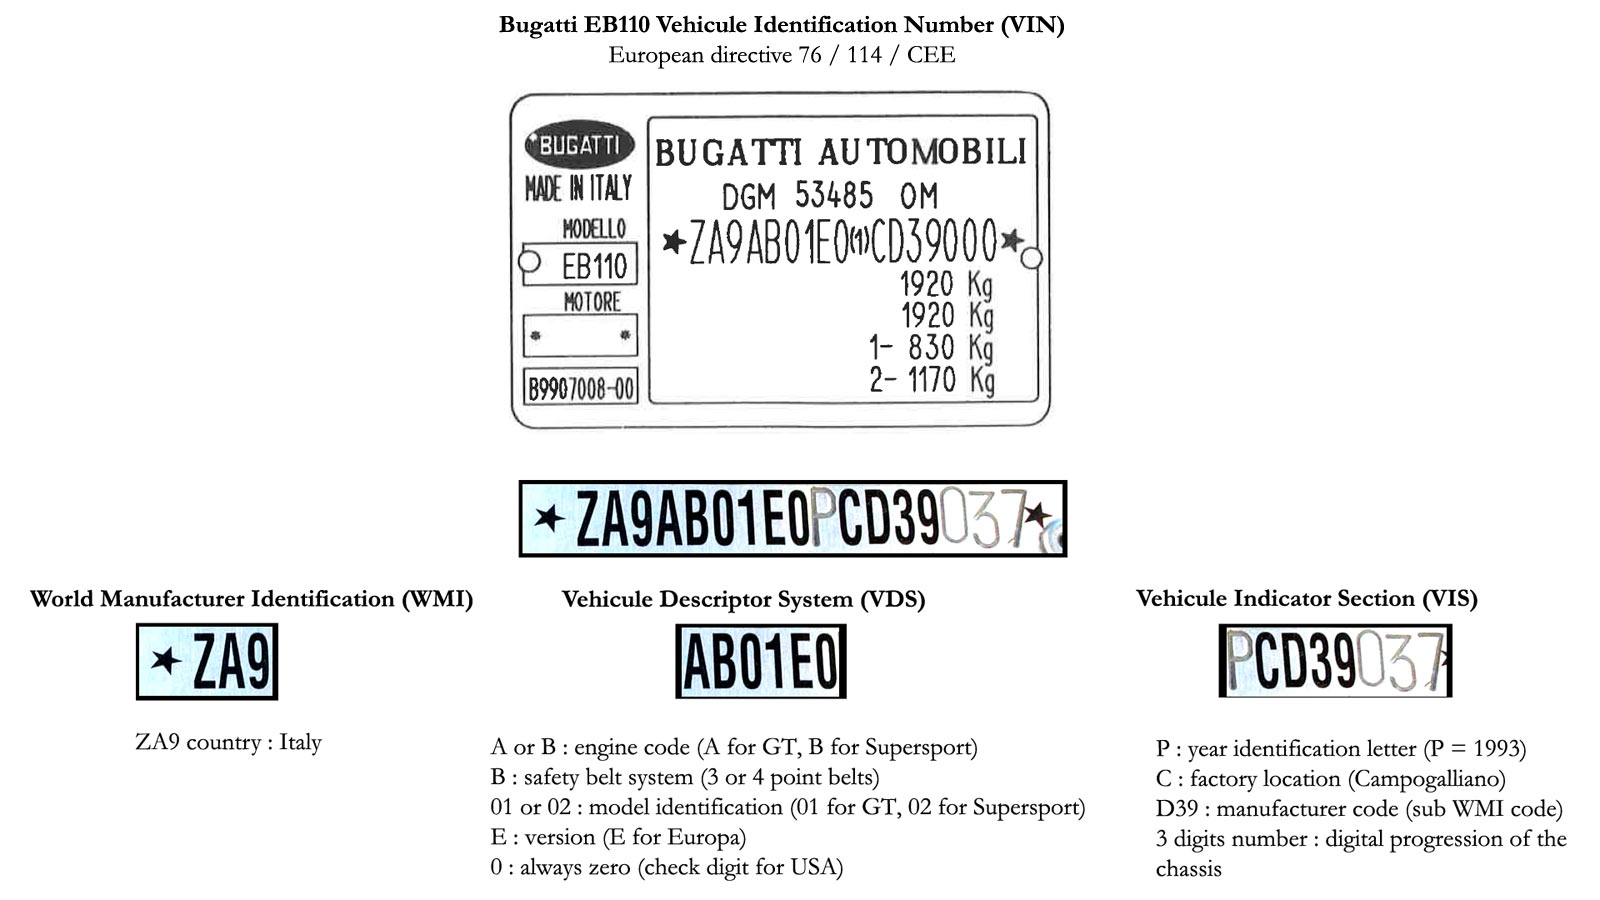 Bugatti EB110 - VIN